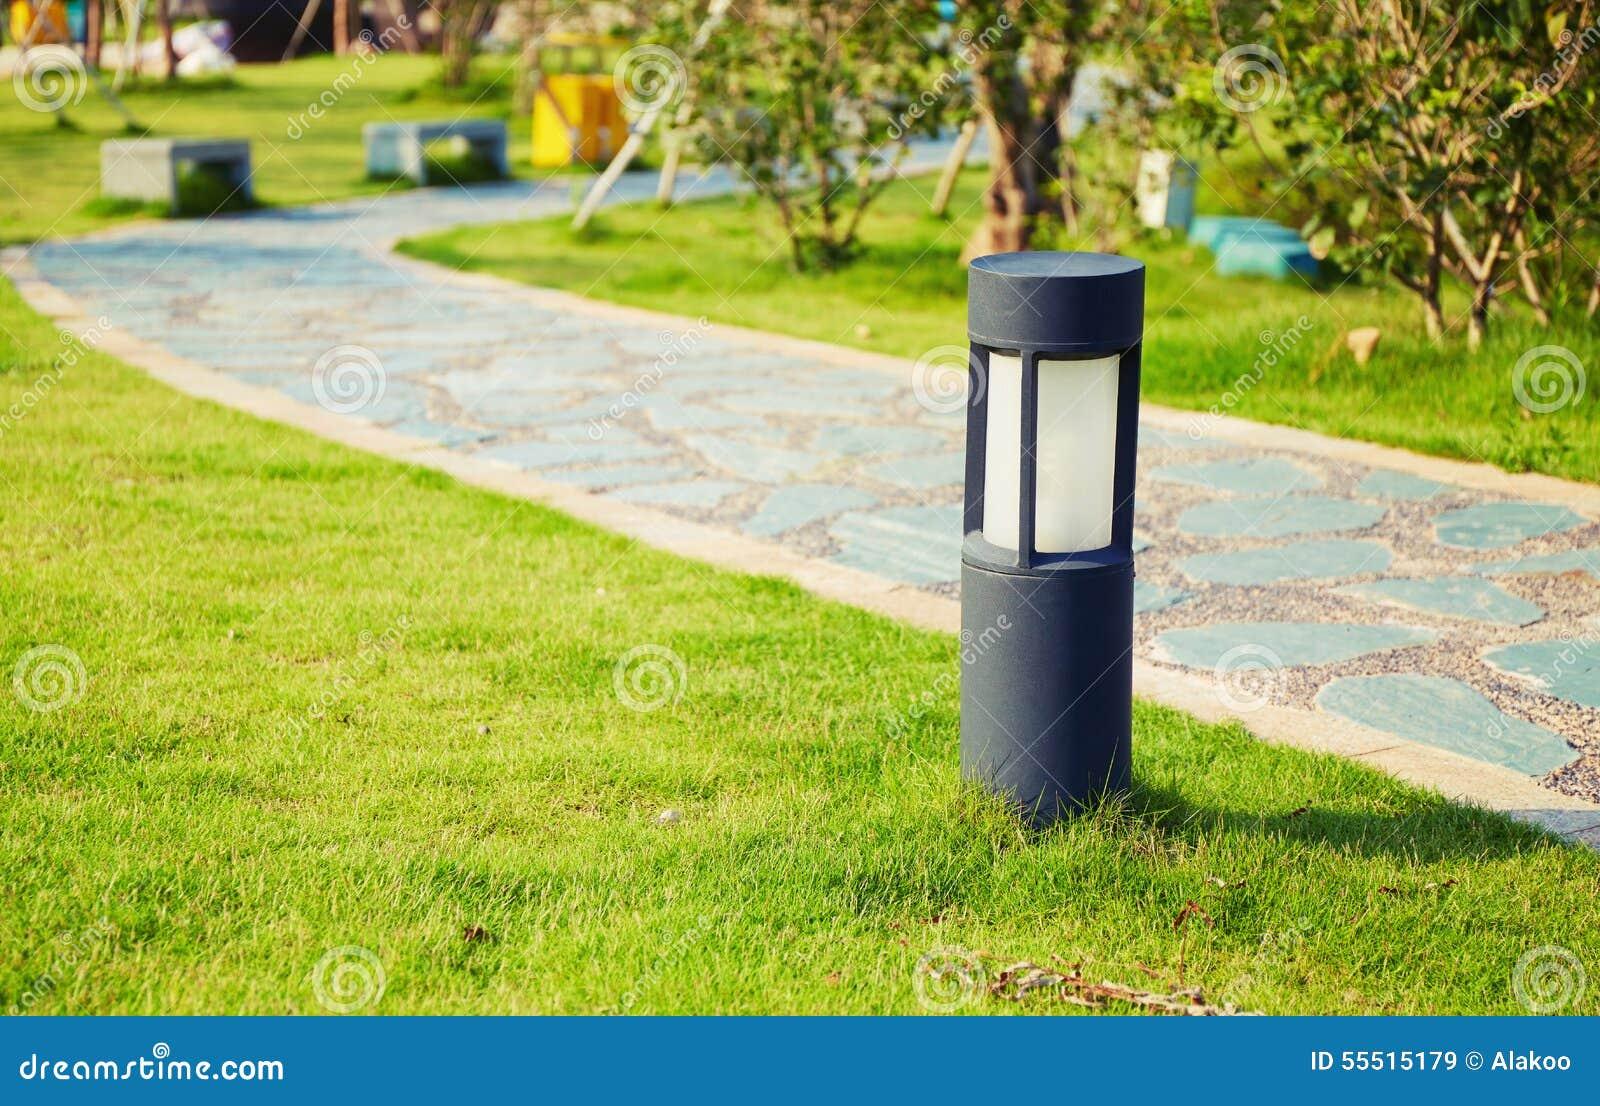 Lampada moderna del prato inglese immagine stock immagine di